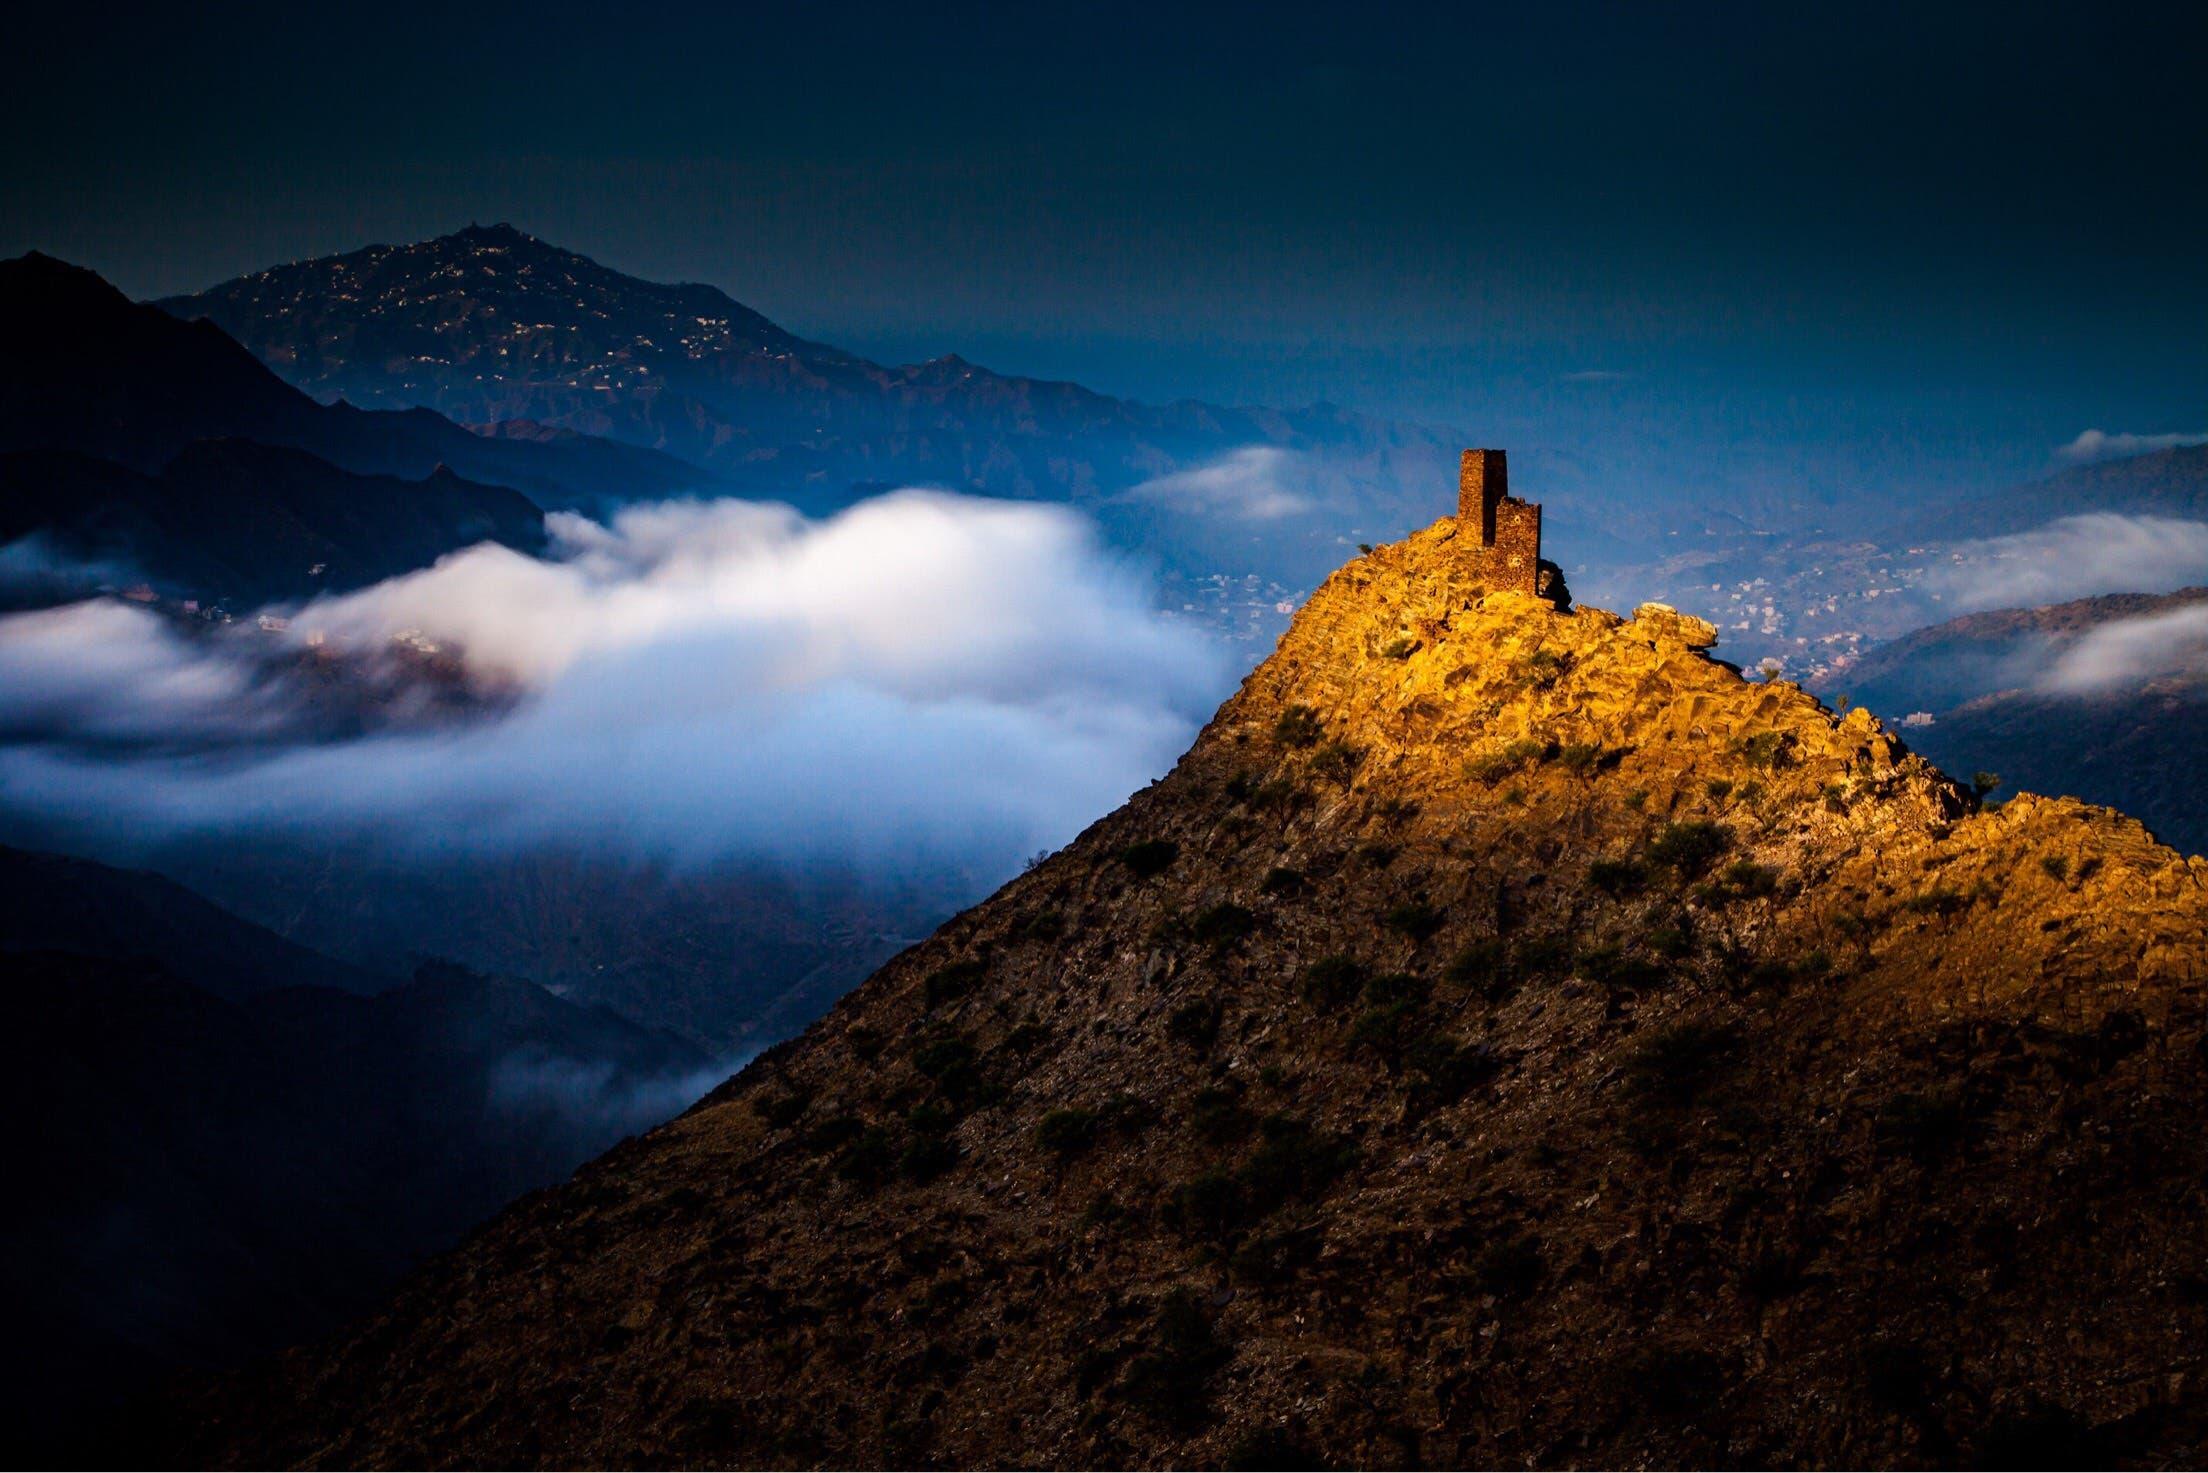 هكذا رسمت جبال عسير جمال الطبيعة الخلابة